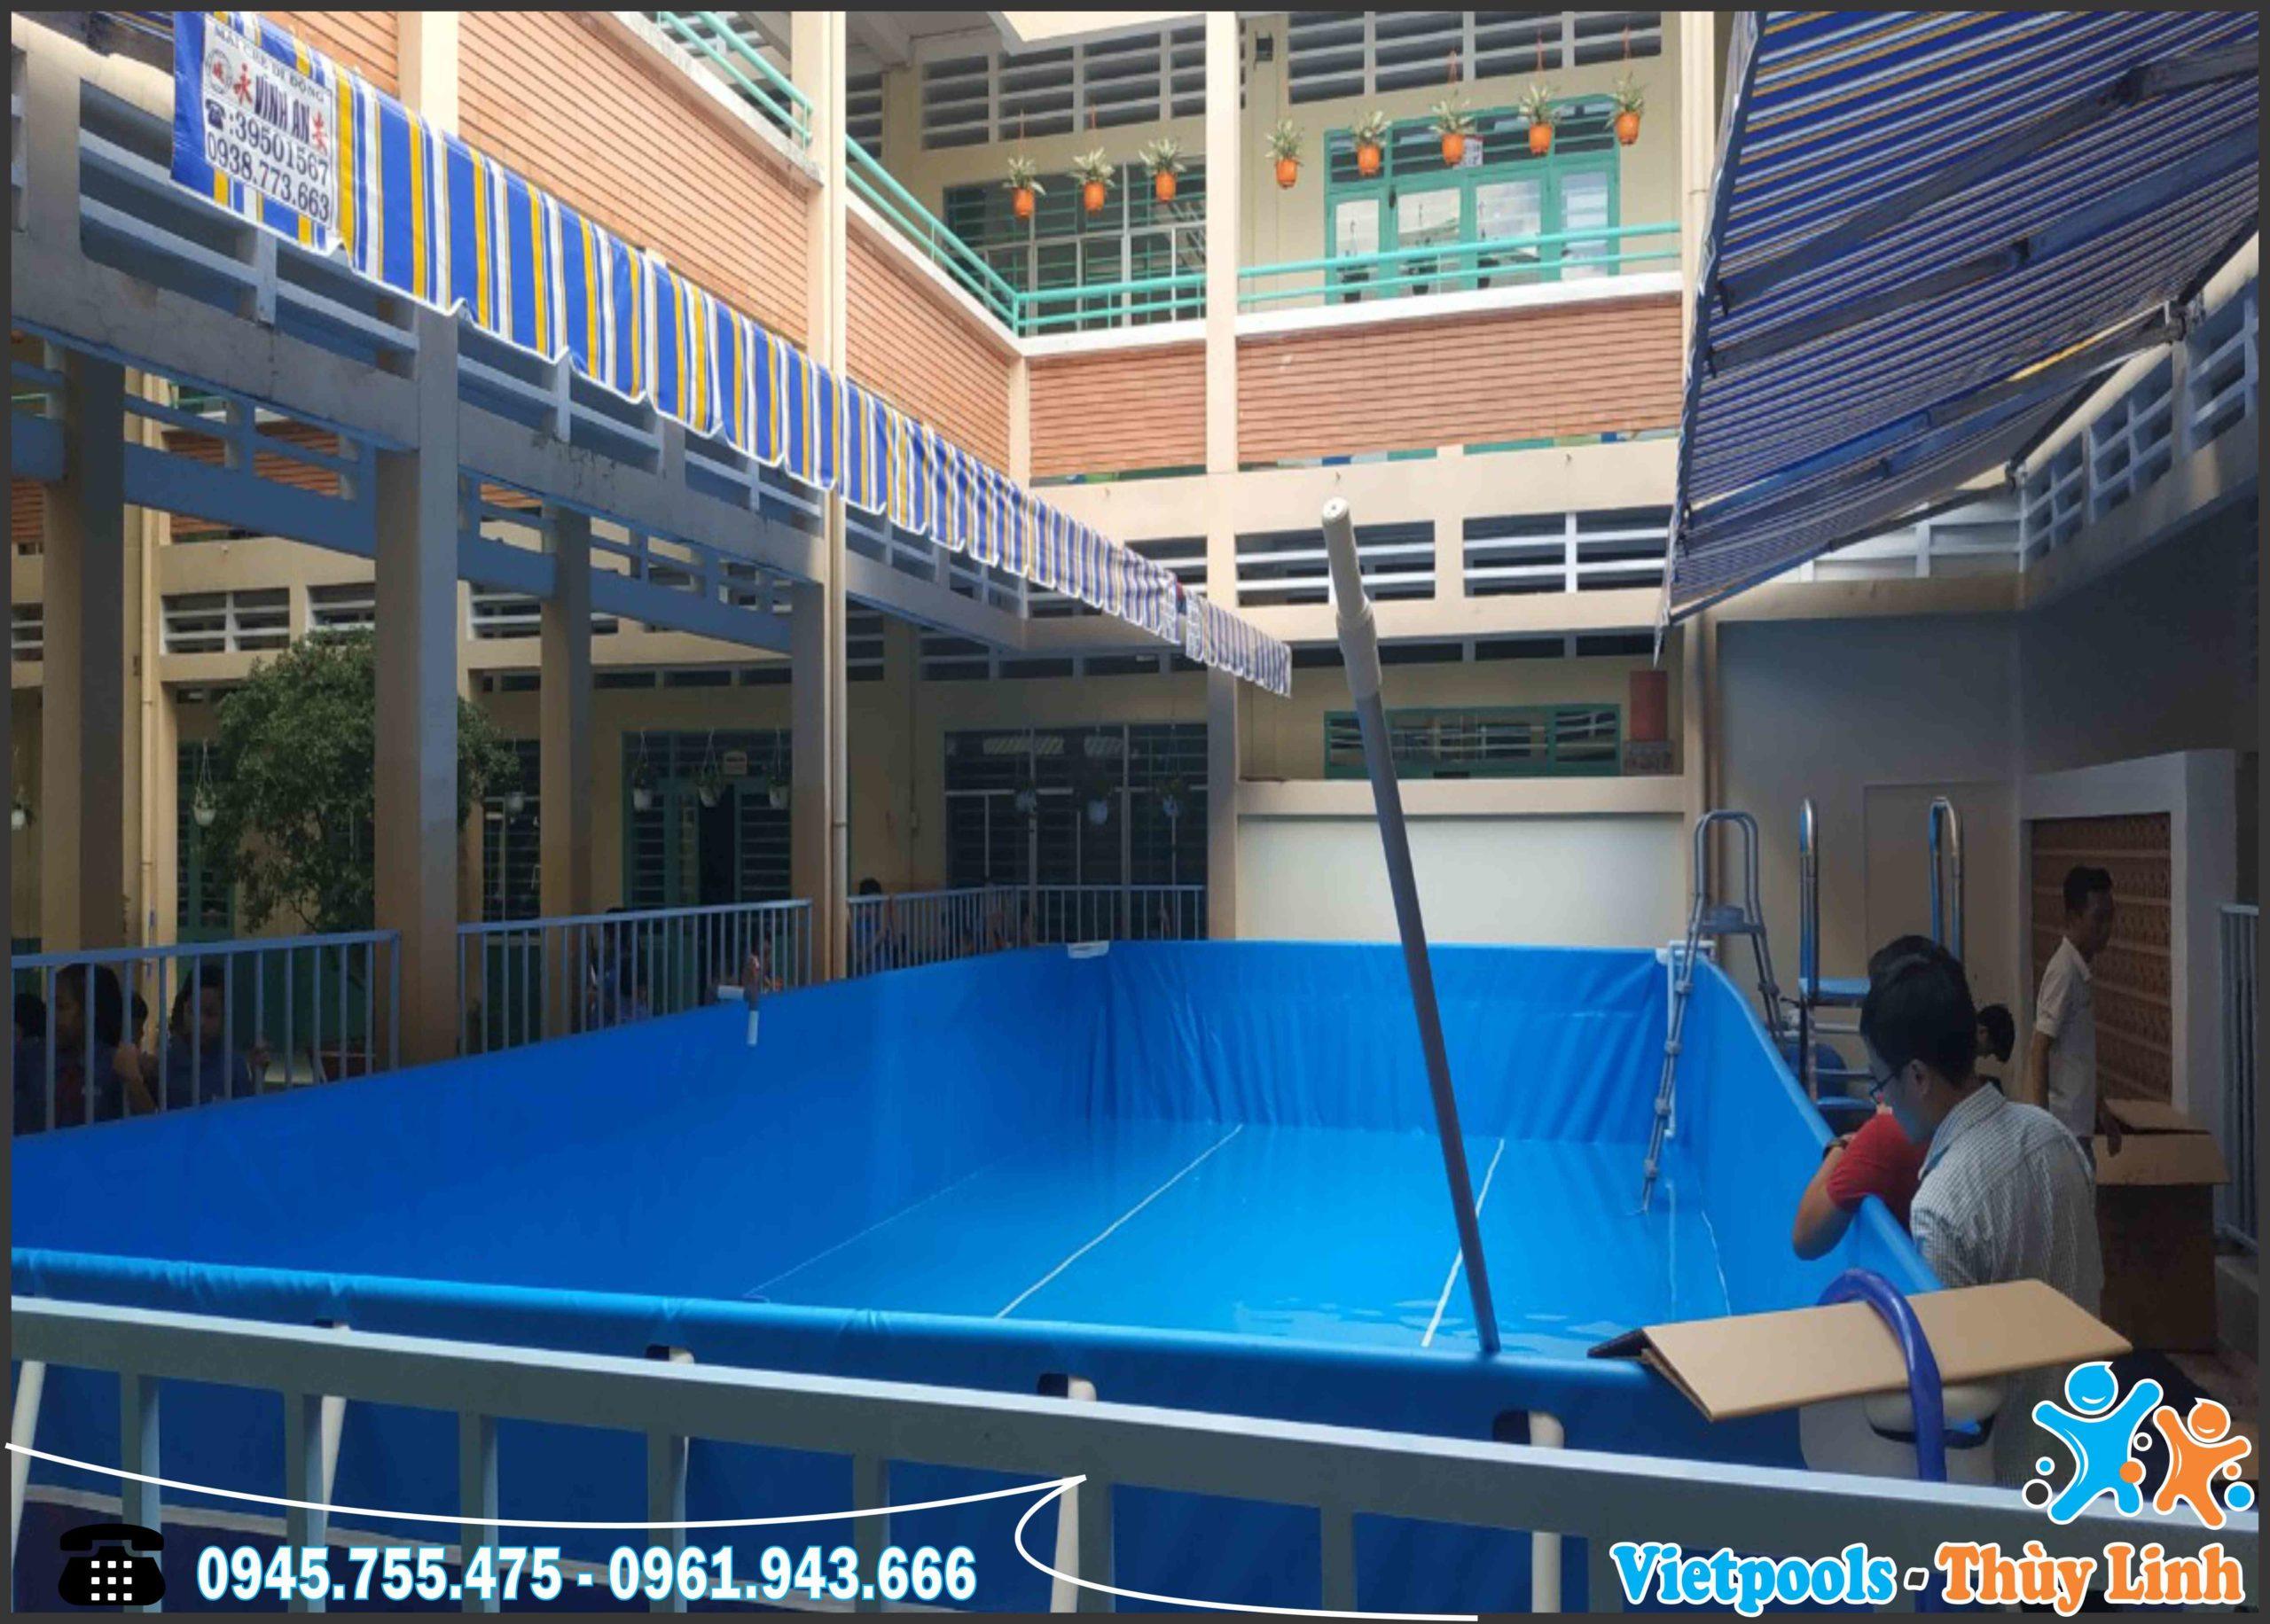 Bể Bơi Di Động Kết Hợp Nhà Hơi Trượt Nước Tại Bình Thuận - 2020 15